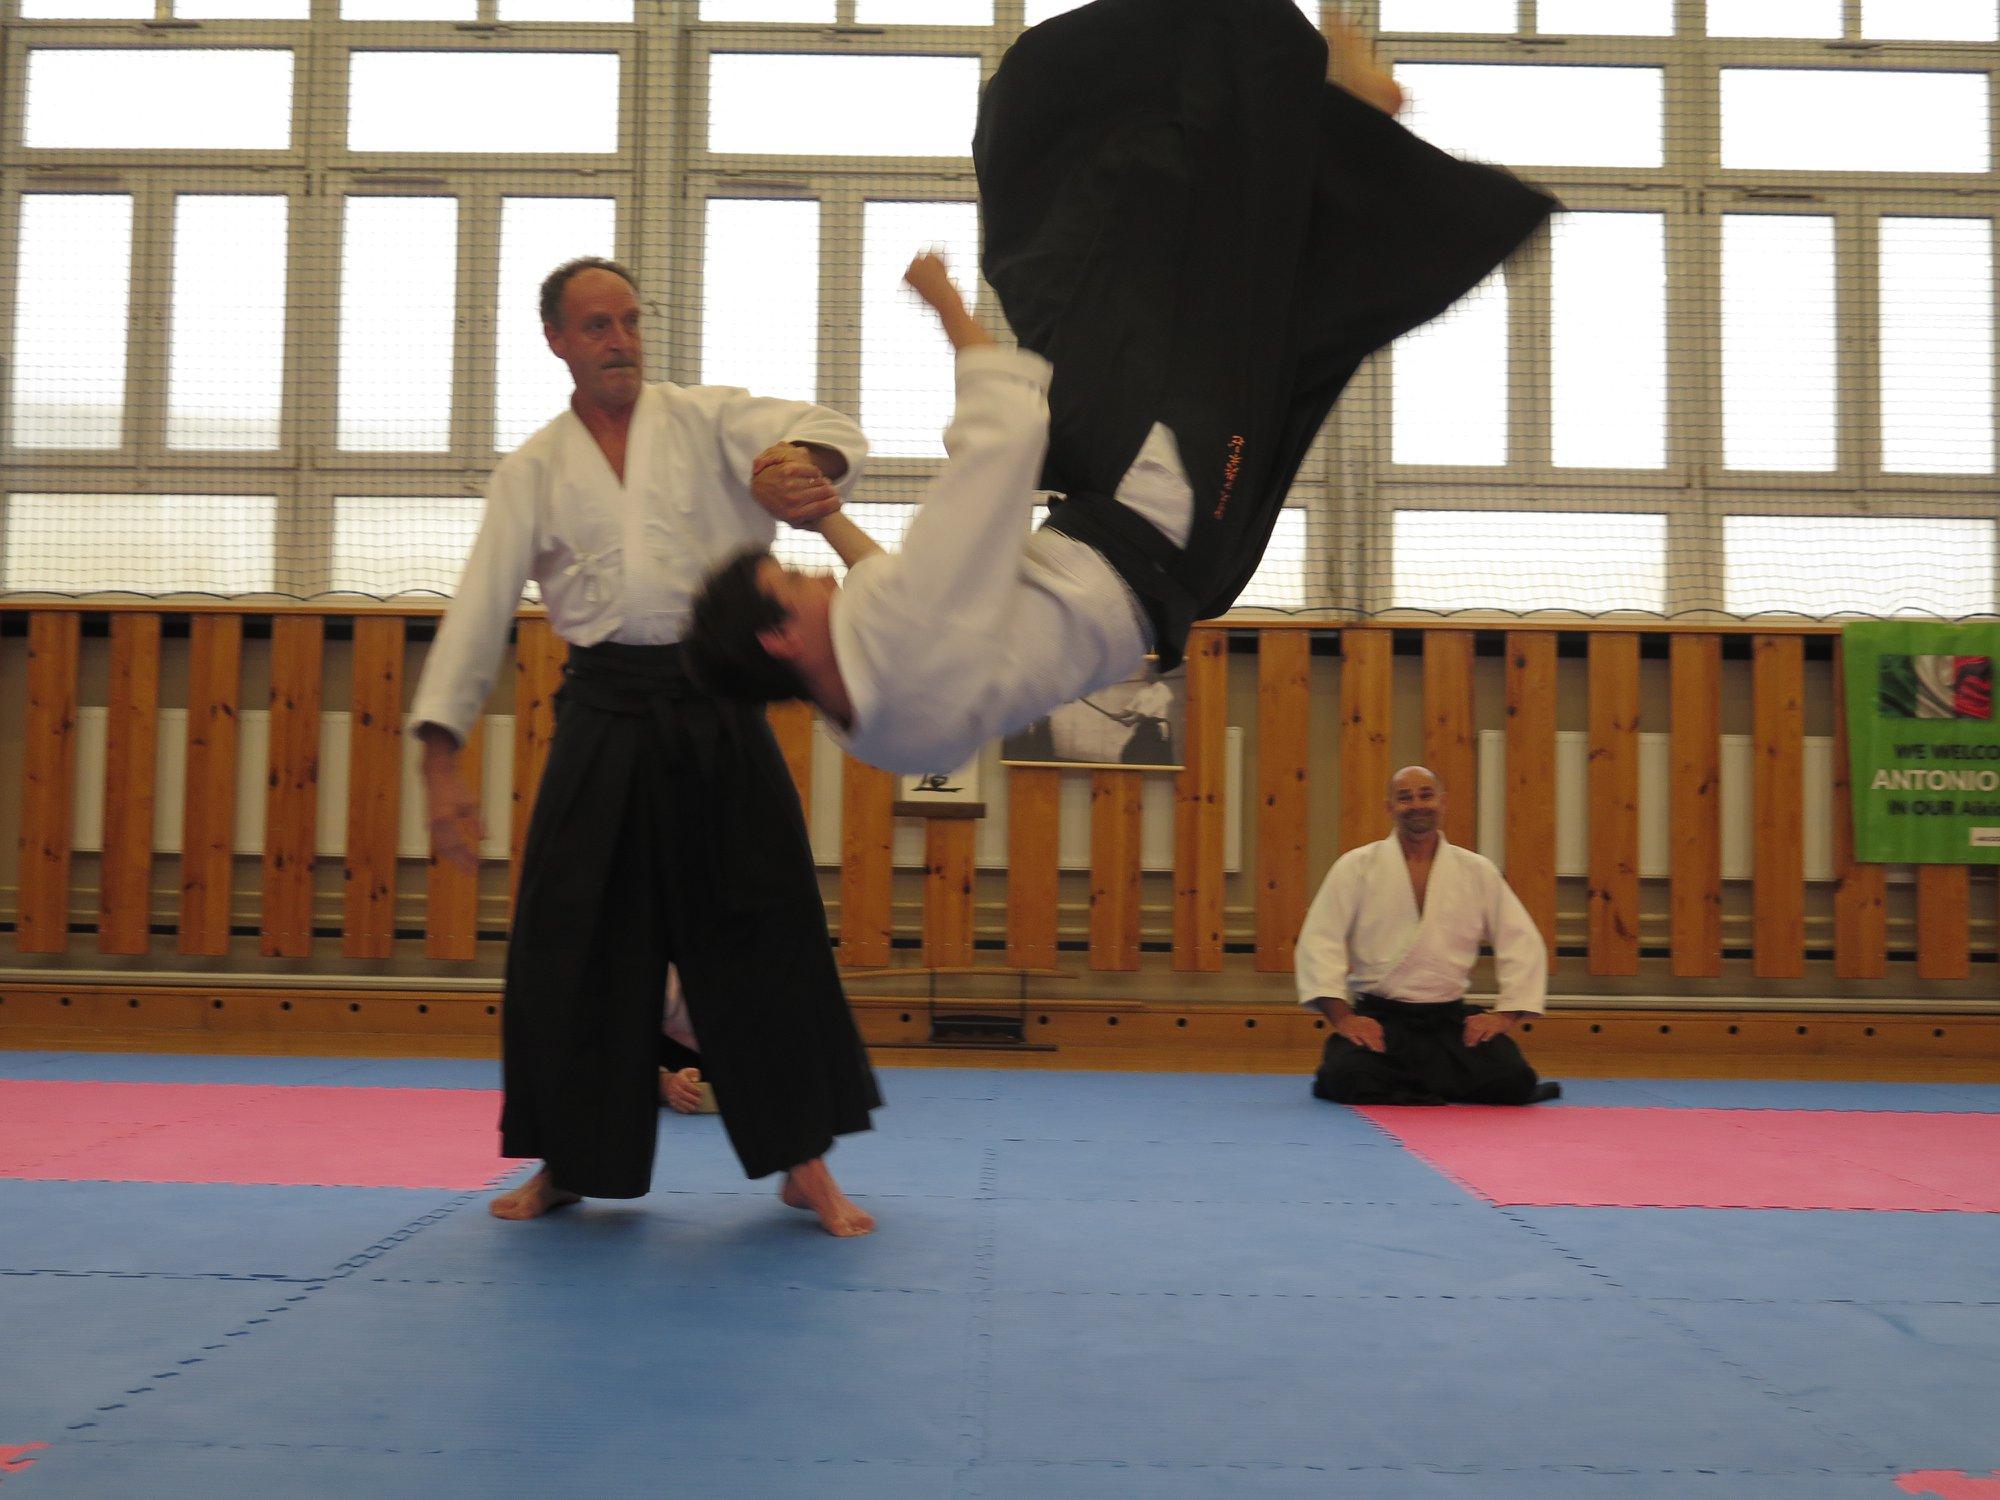 Staż z Antonio Albanese Shihan Super Aikido Lublin Dojo Nałkowskich (12)